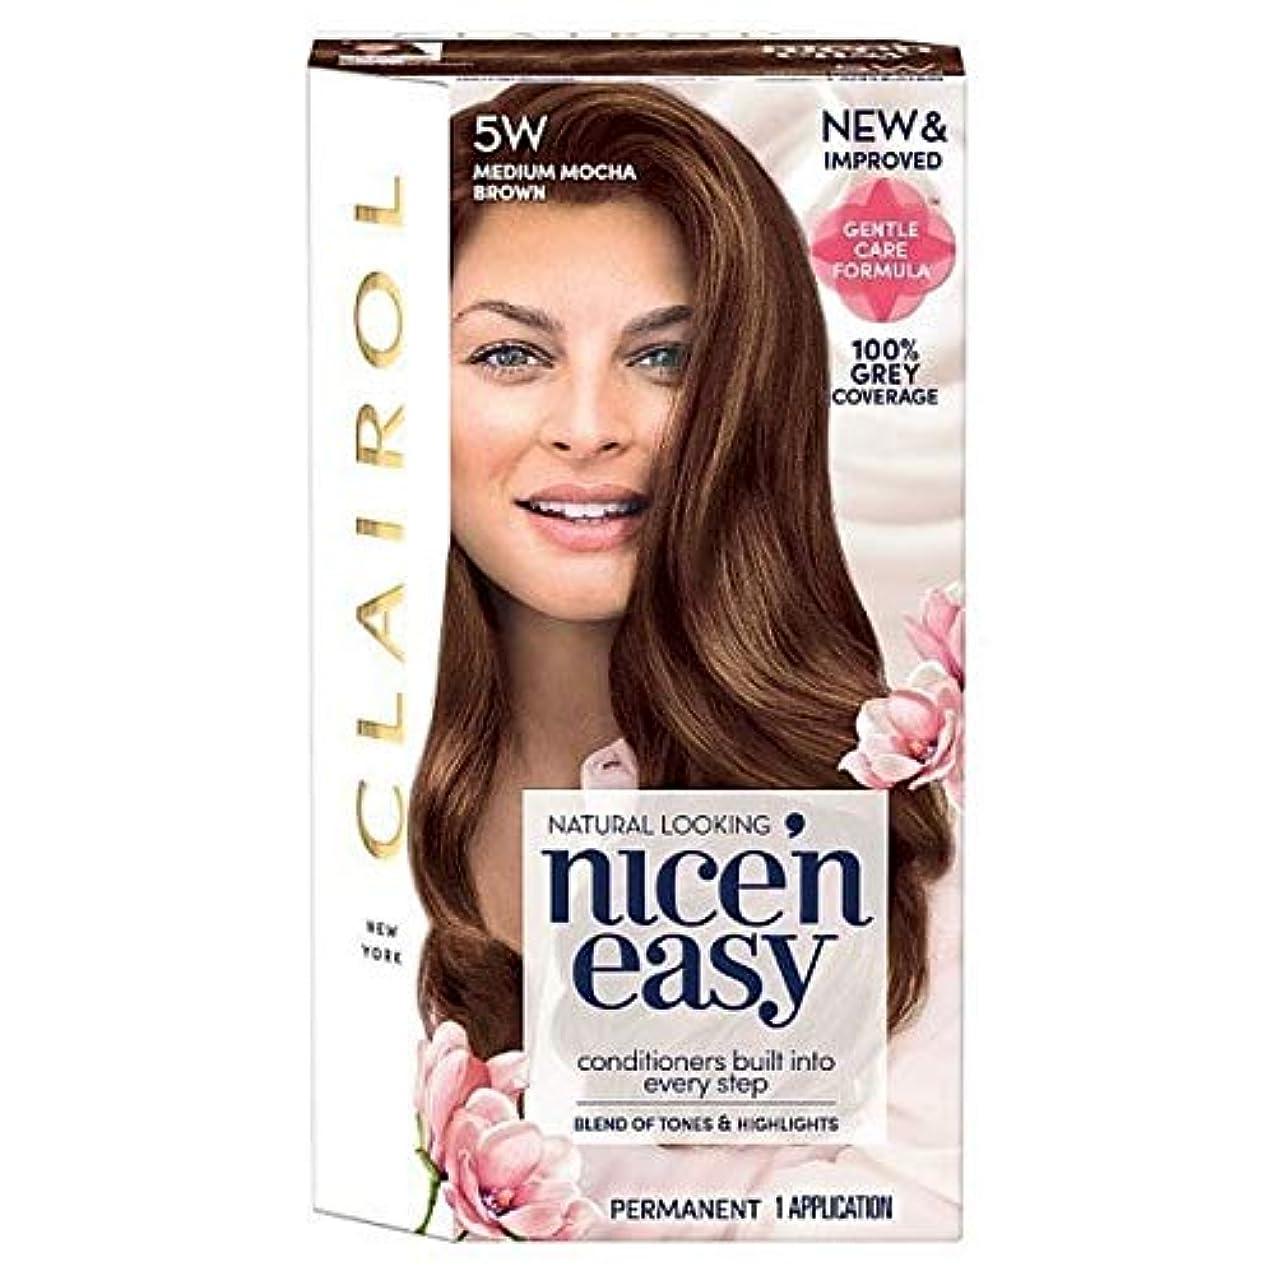 ヒステリック冊子サミュエル[Nice'n Easy] 簡単な5ワットメディアモカブラウンNice'N - Nice'n Easy 5W Medium Mocha Brown [並行輸入品]